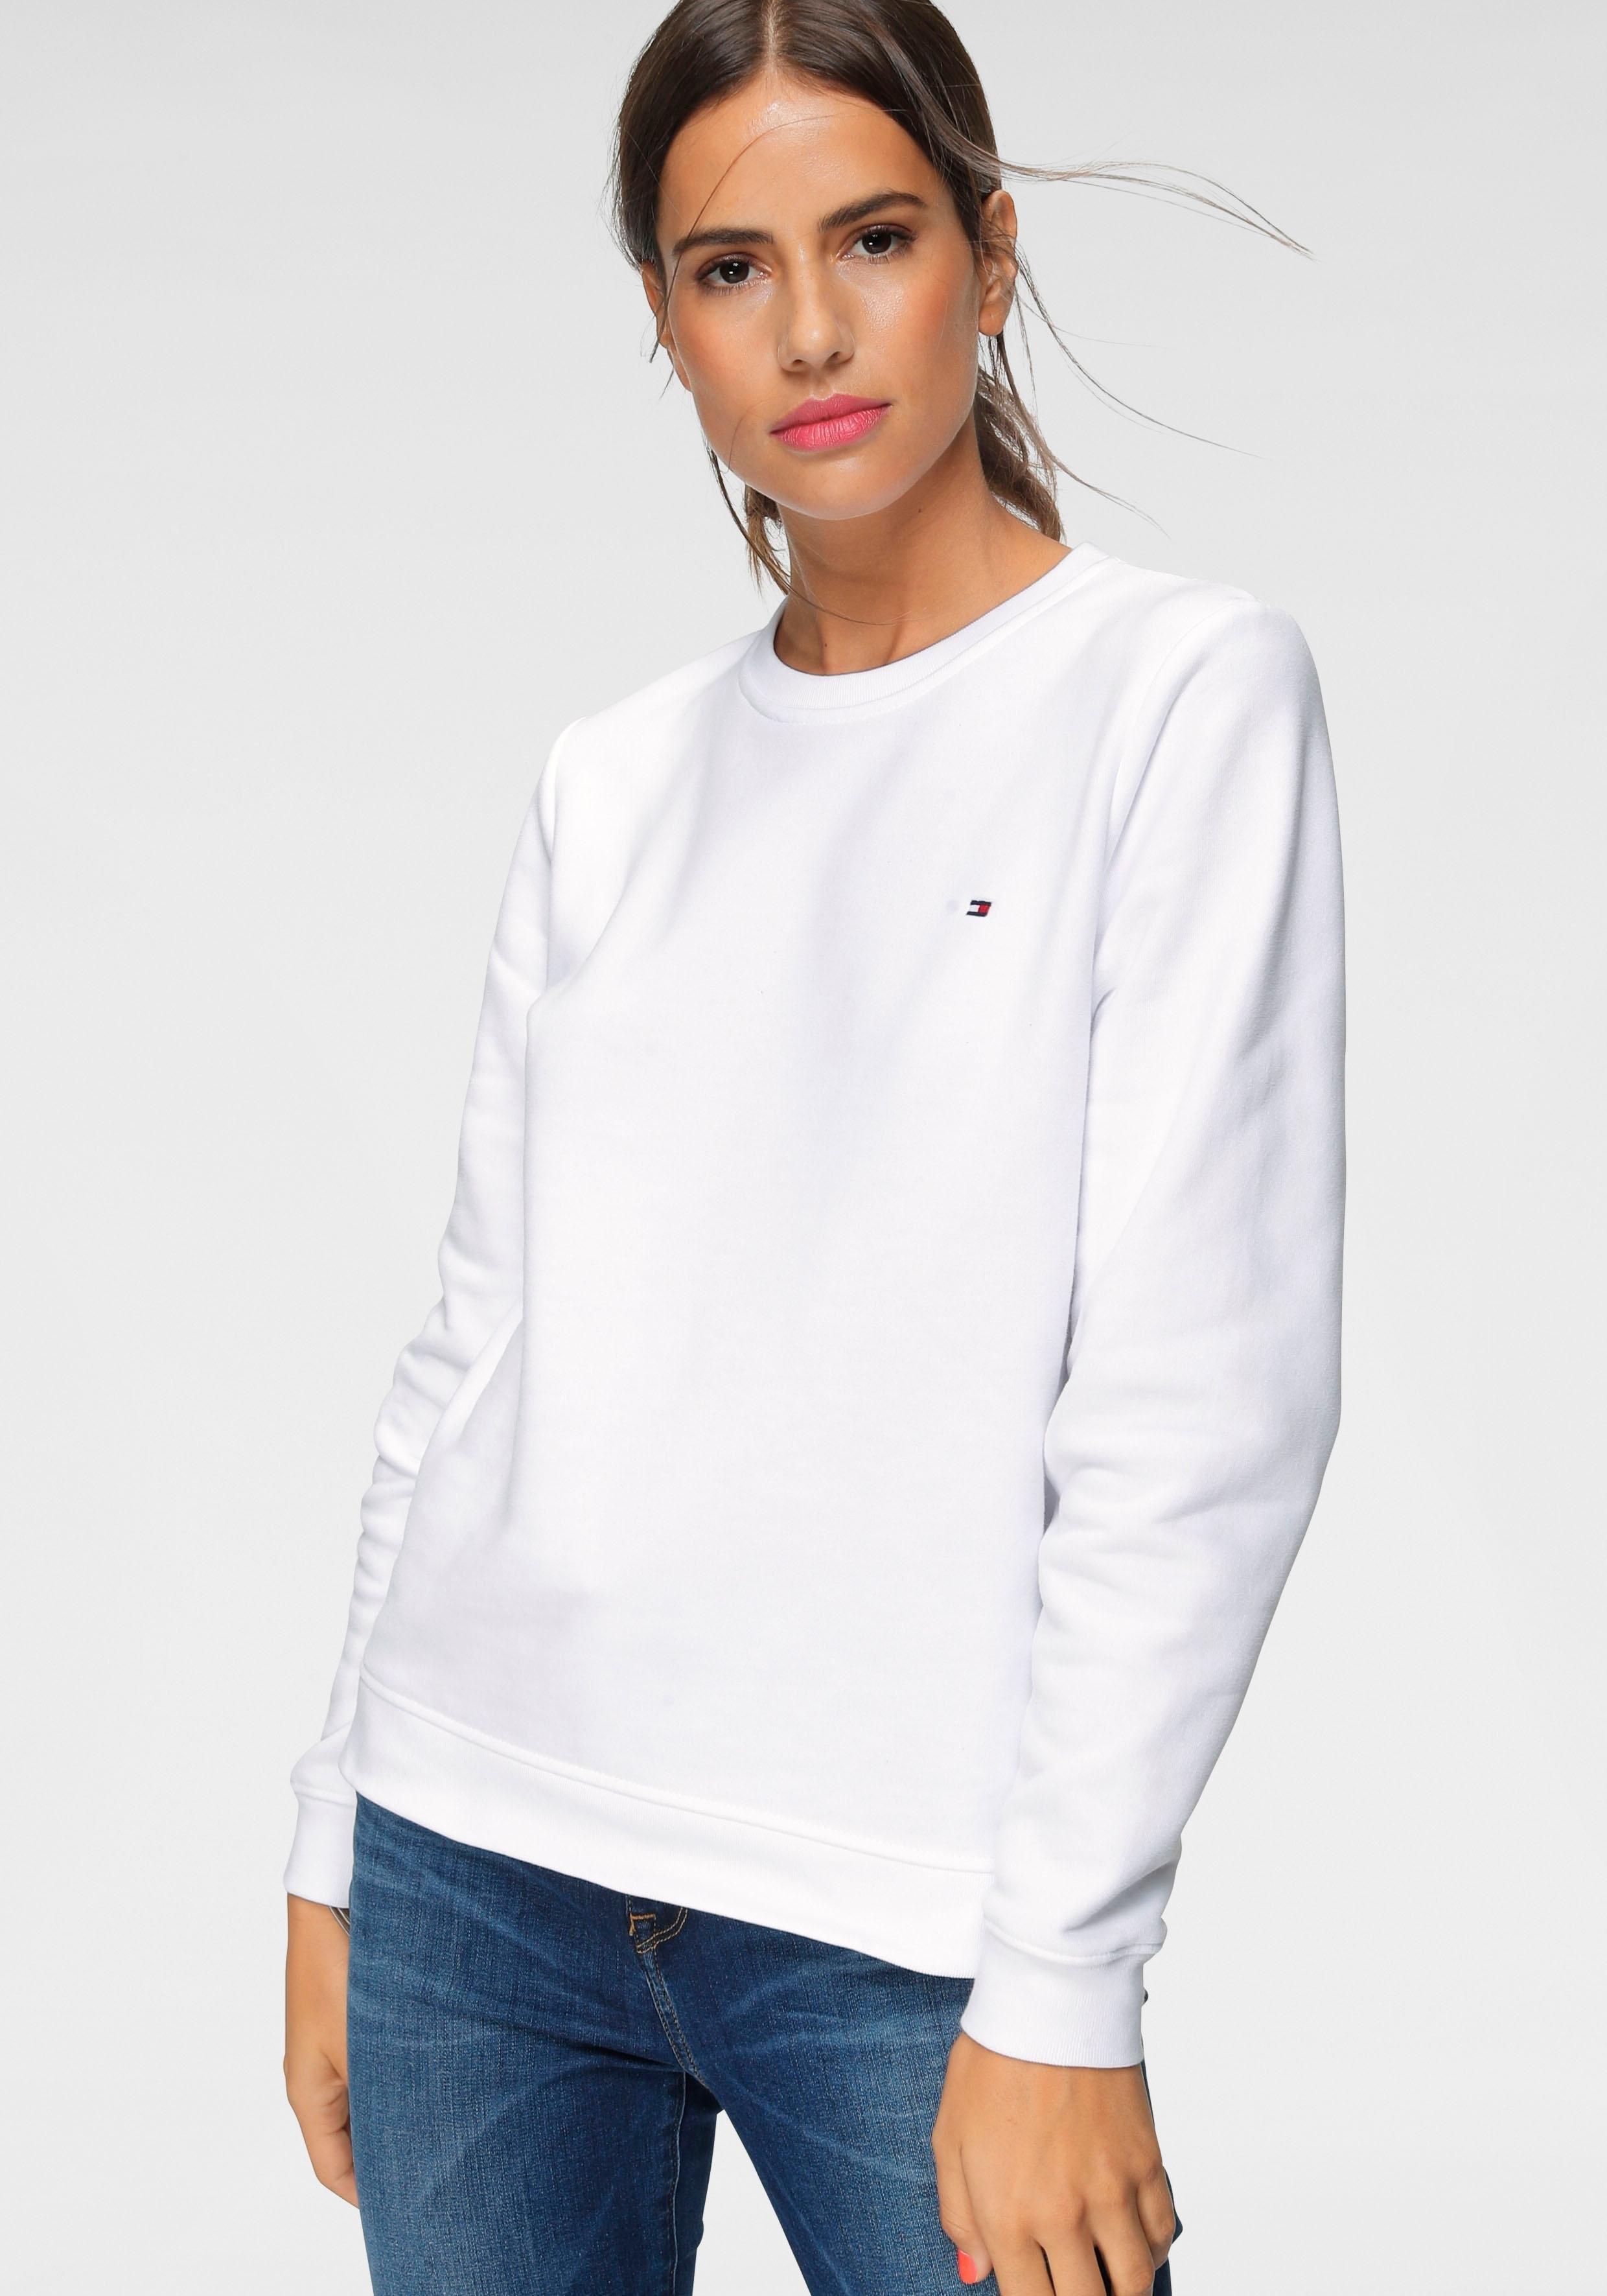 Tommy Hilfiger sweatshirt »HERITAGE CREW NECK SWEATSHIRT« goedkoop op otto.nl kopen